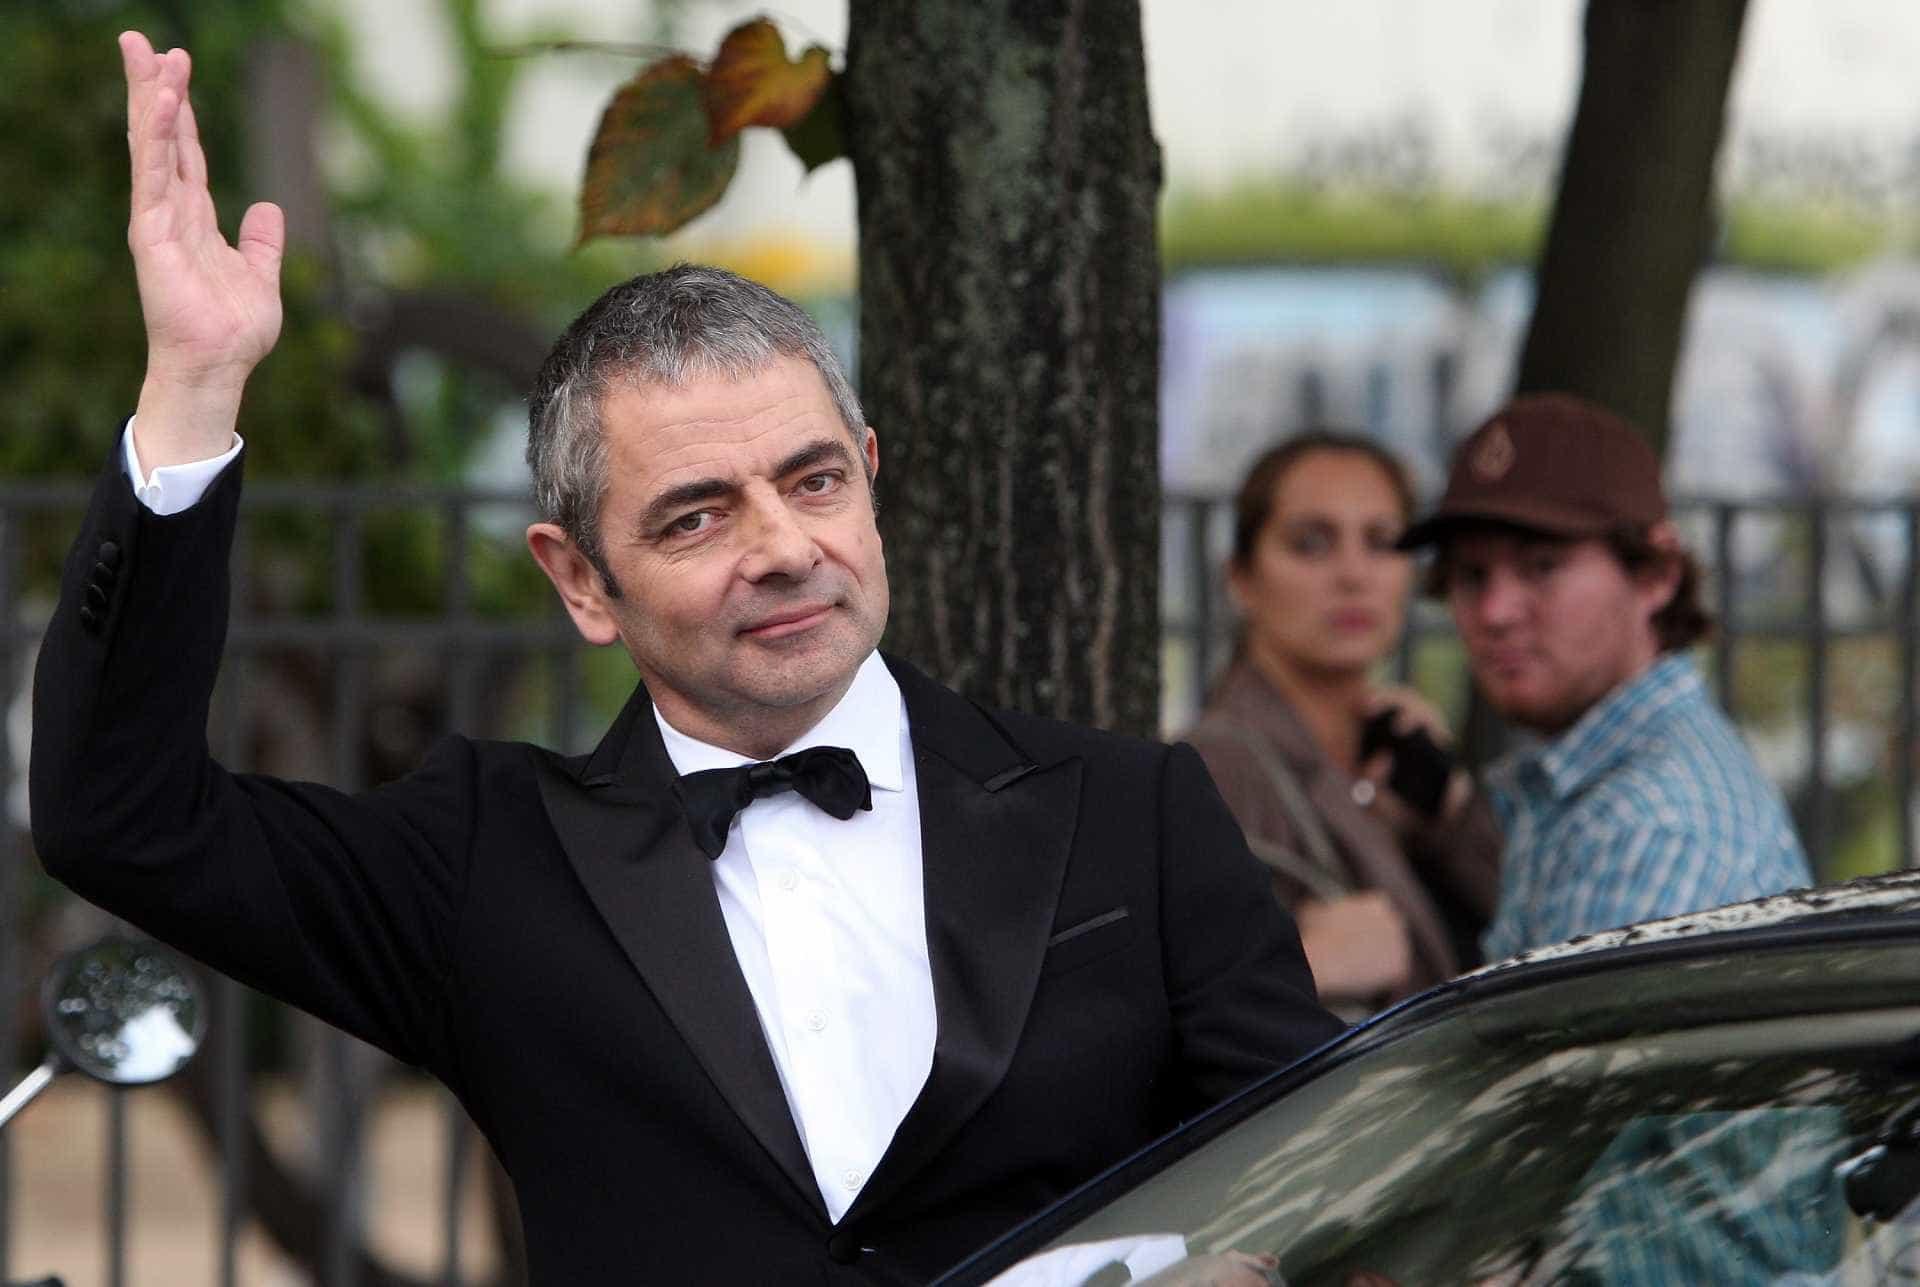 Rowan Atkinson Photos